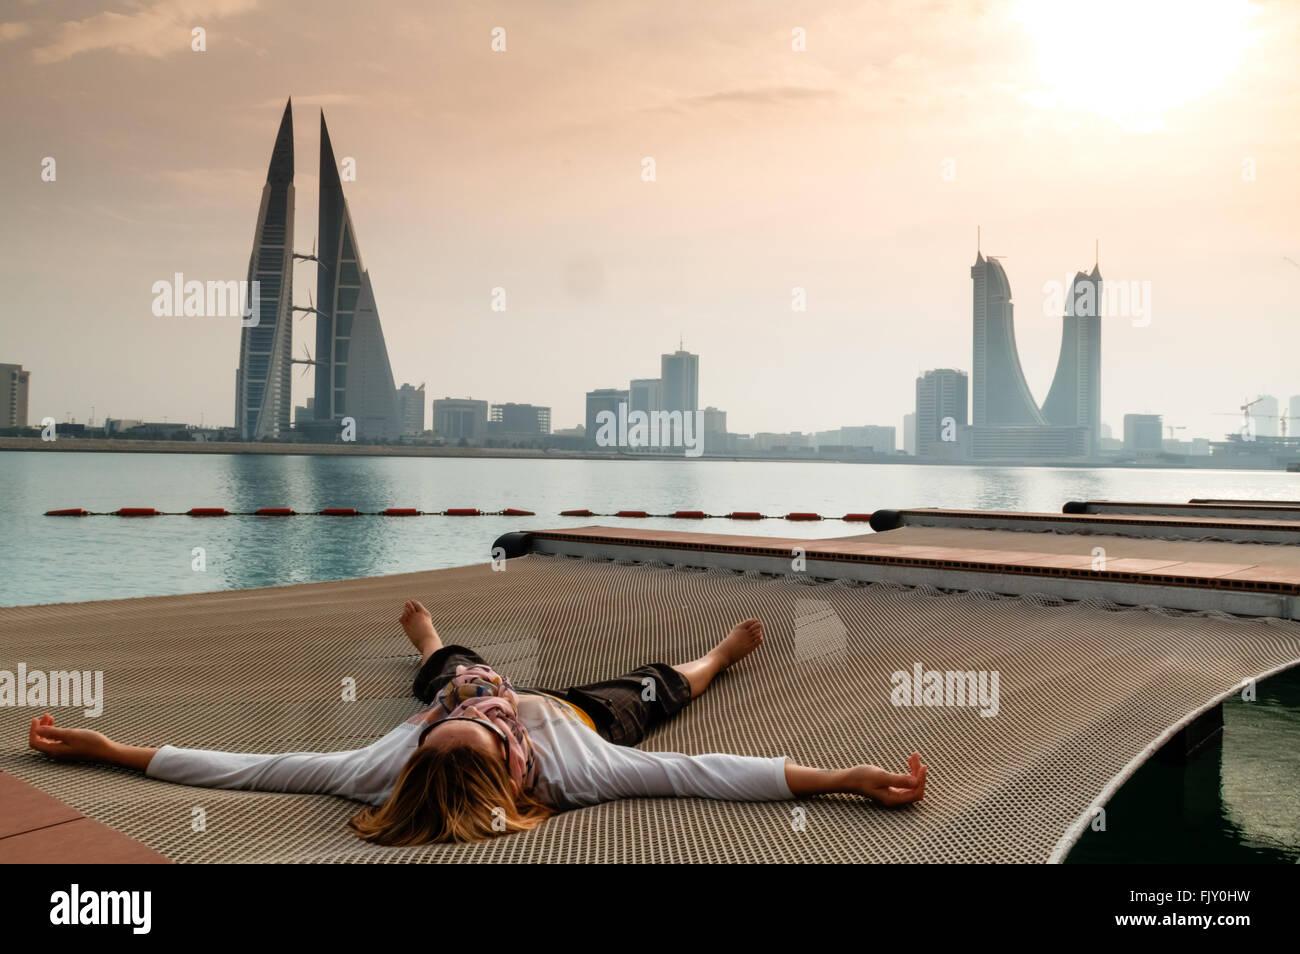 Frau liegend auf Netz am Pier gegen Himmel Stockbild